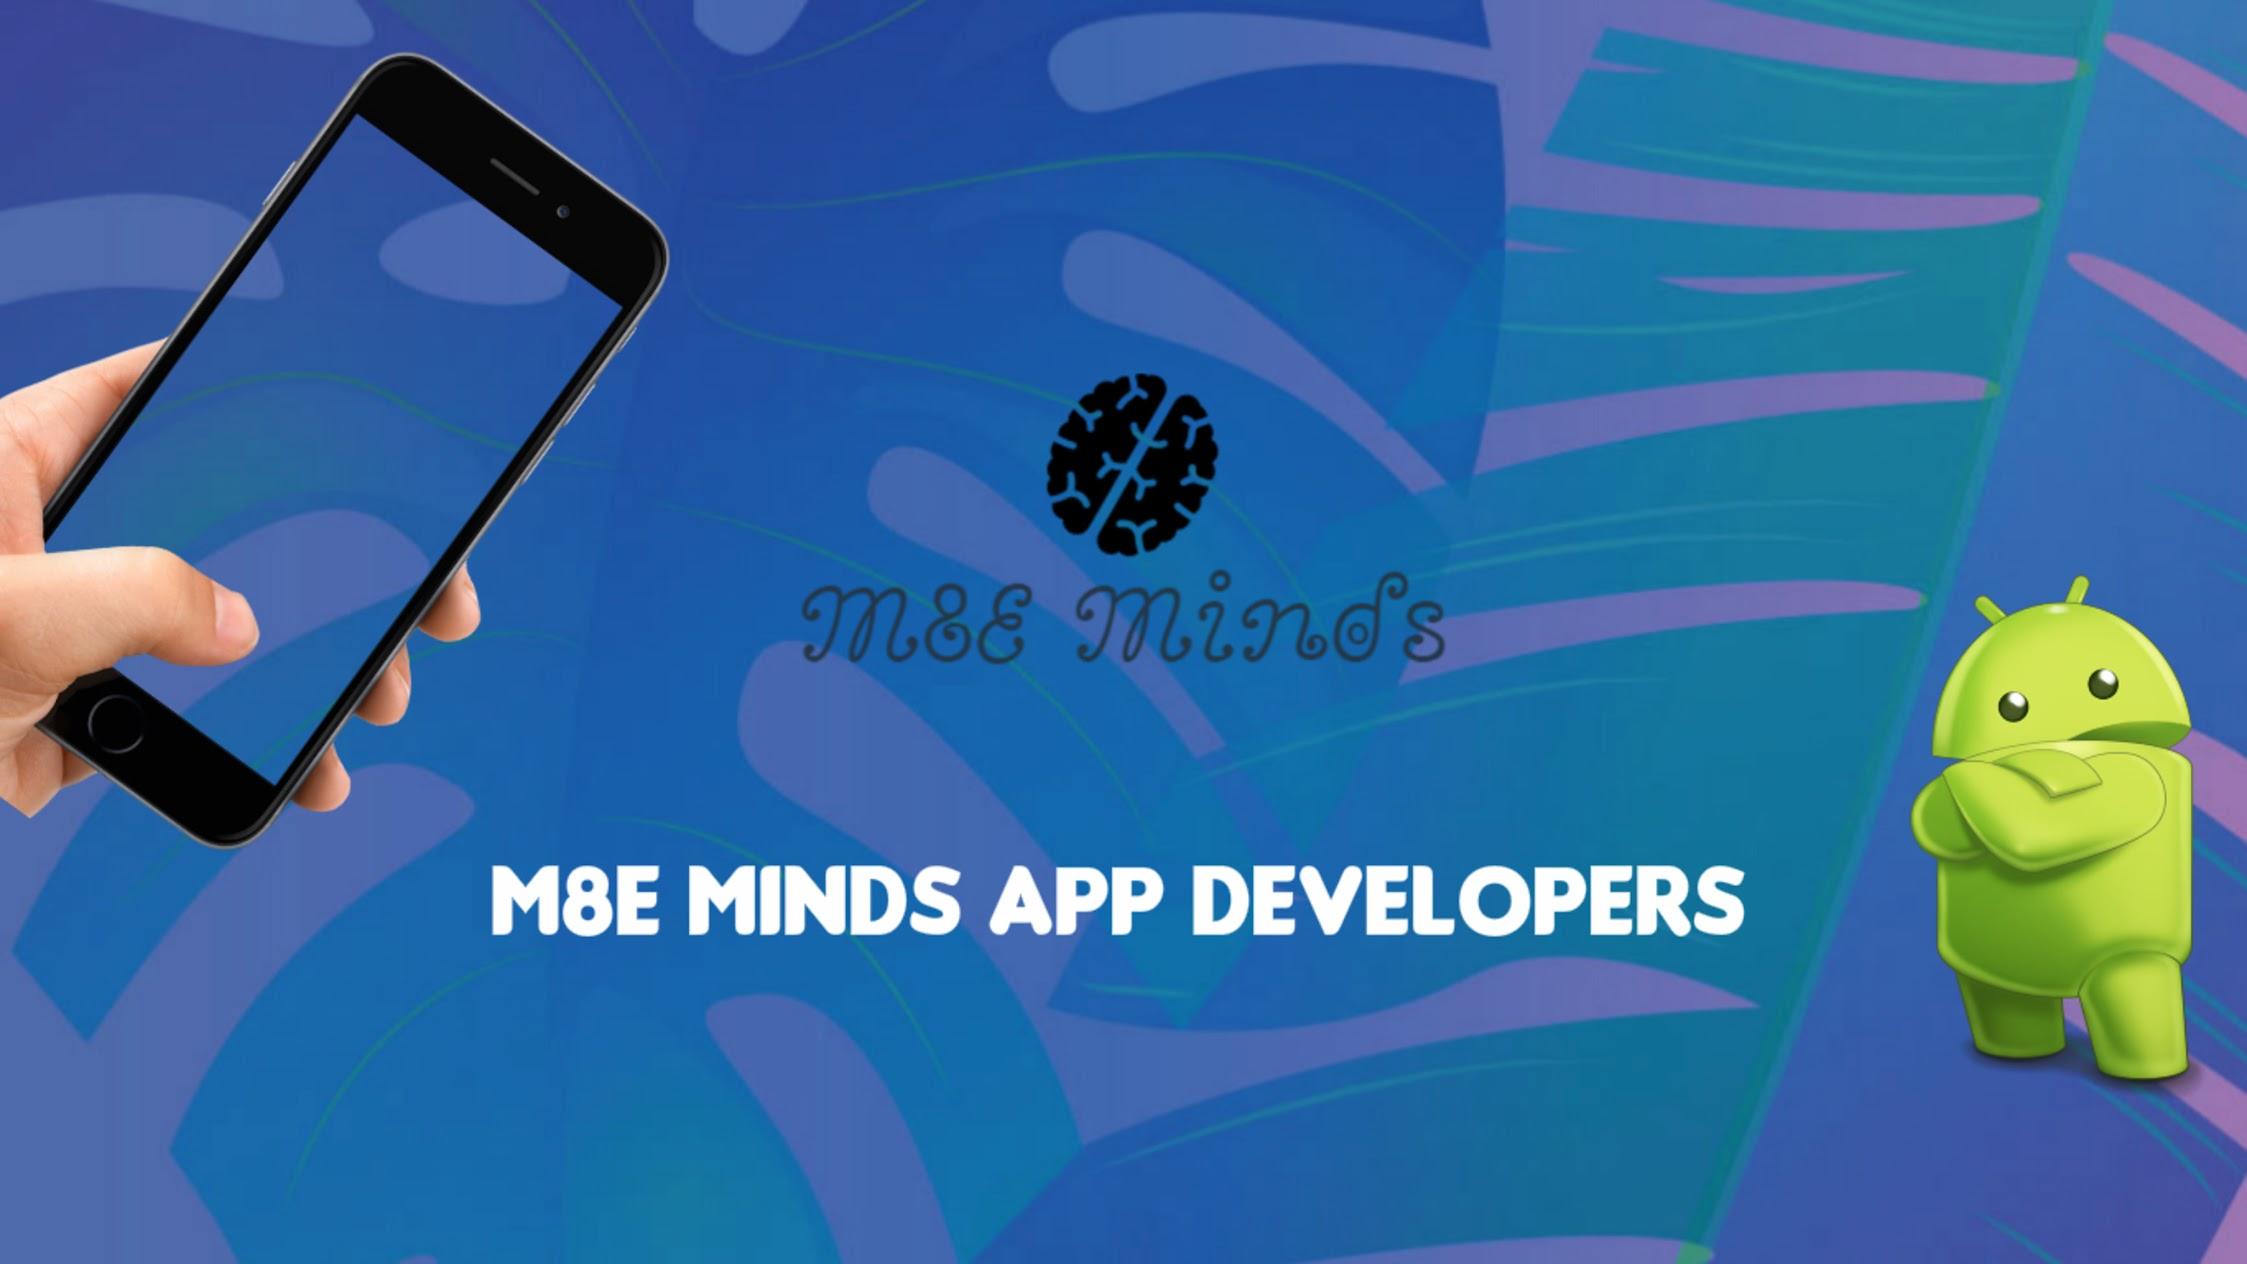 M8E Minds